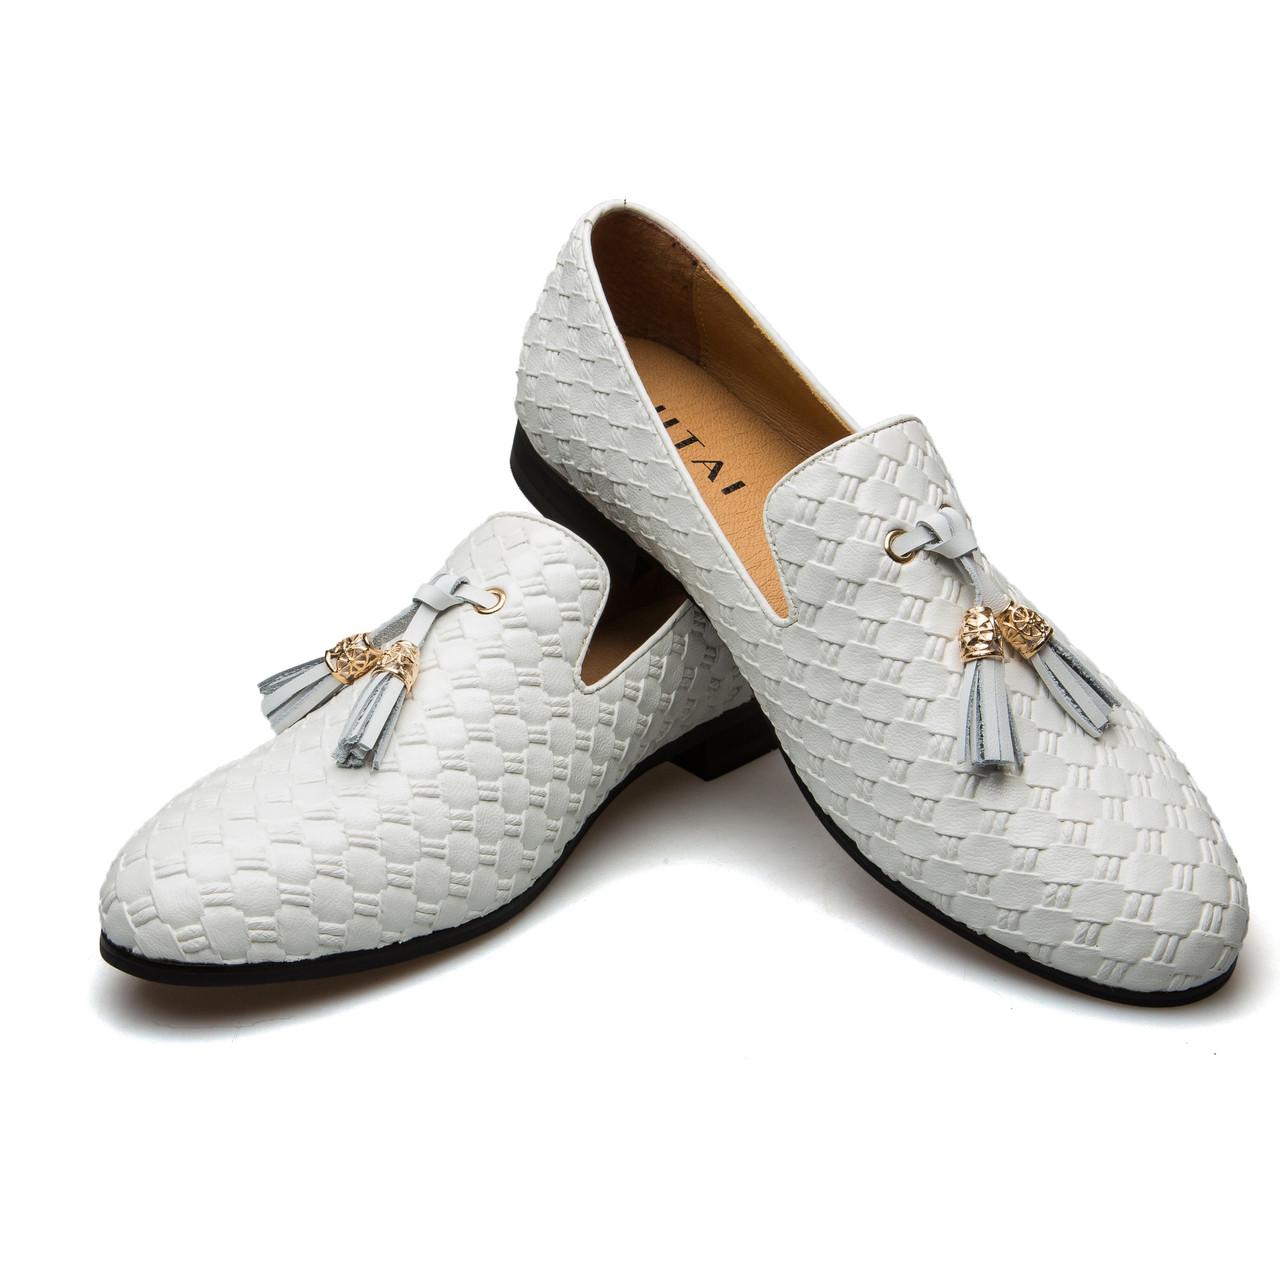 MEIJIANA Loafers Flats Brand Men Casual